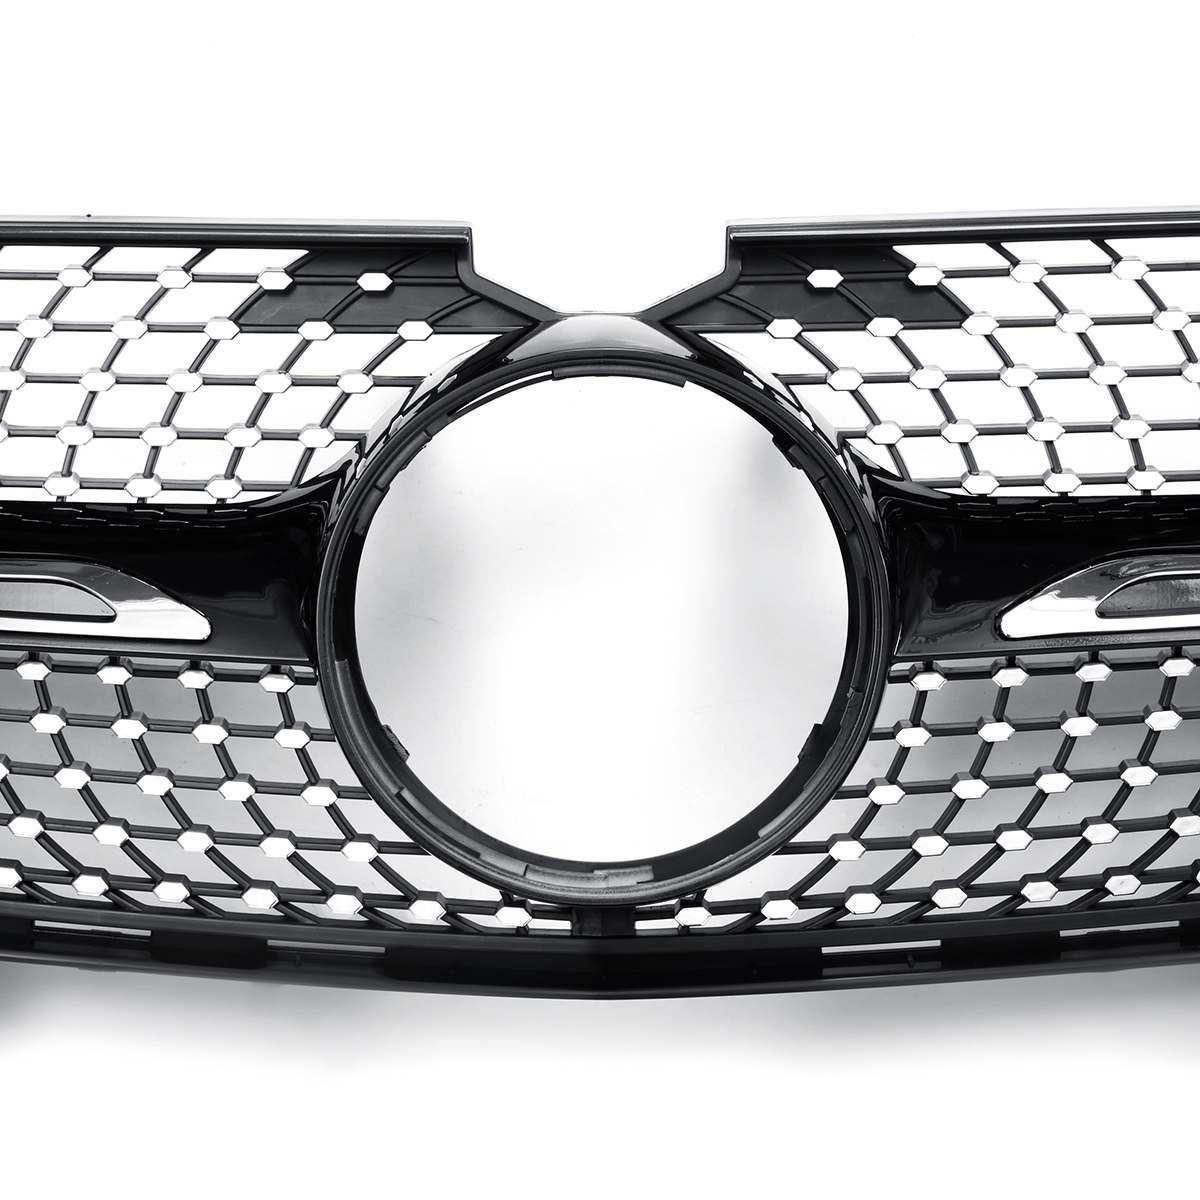 Gril de calandre avant de voiture X164 Diamond Grill pour Mercedes ForBenz X164 GL320 GL450 GL350 2007-2012 grilles de course - 5